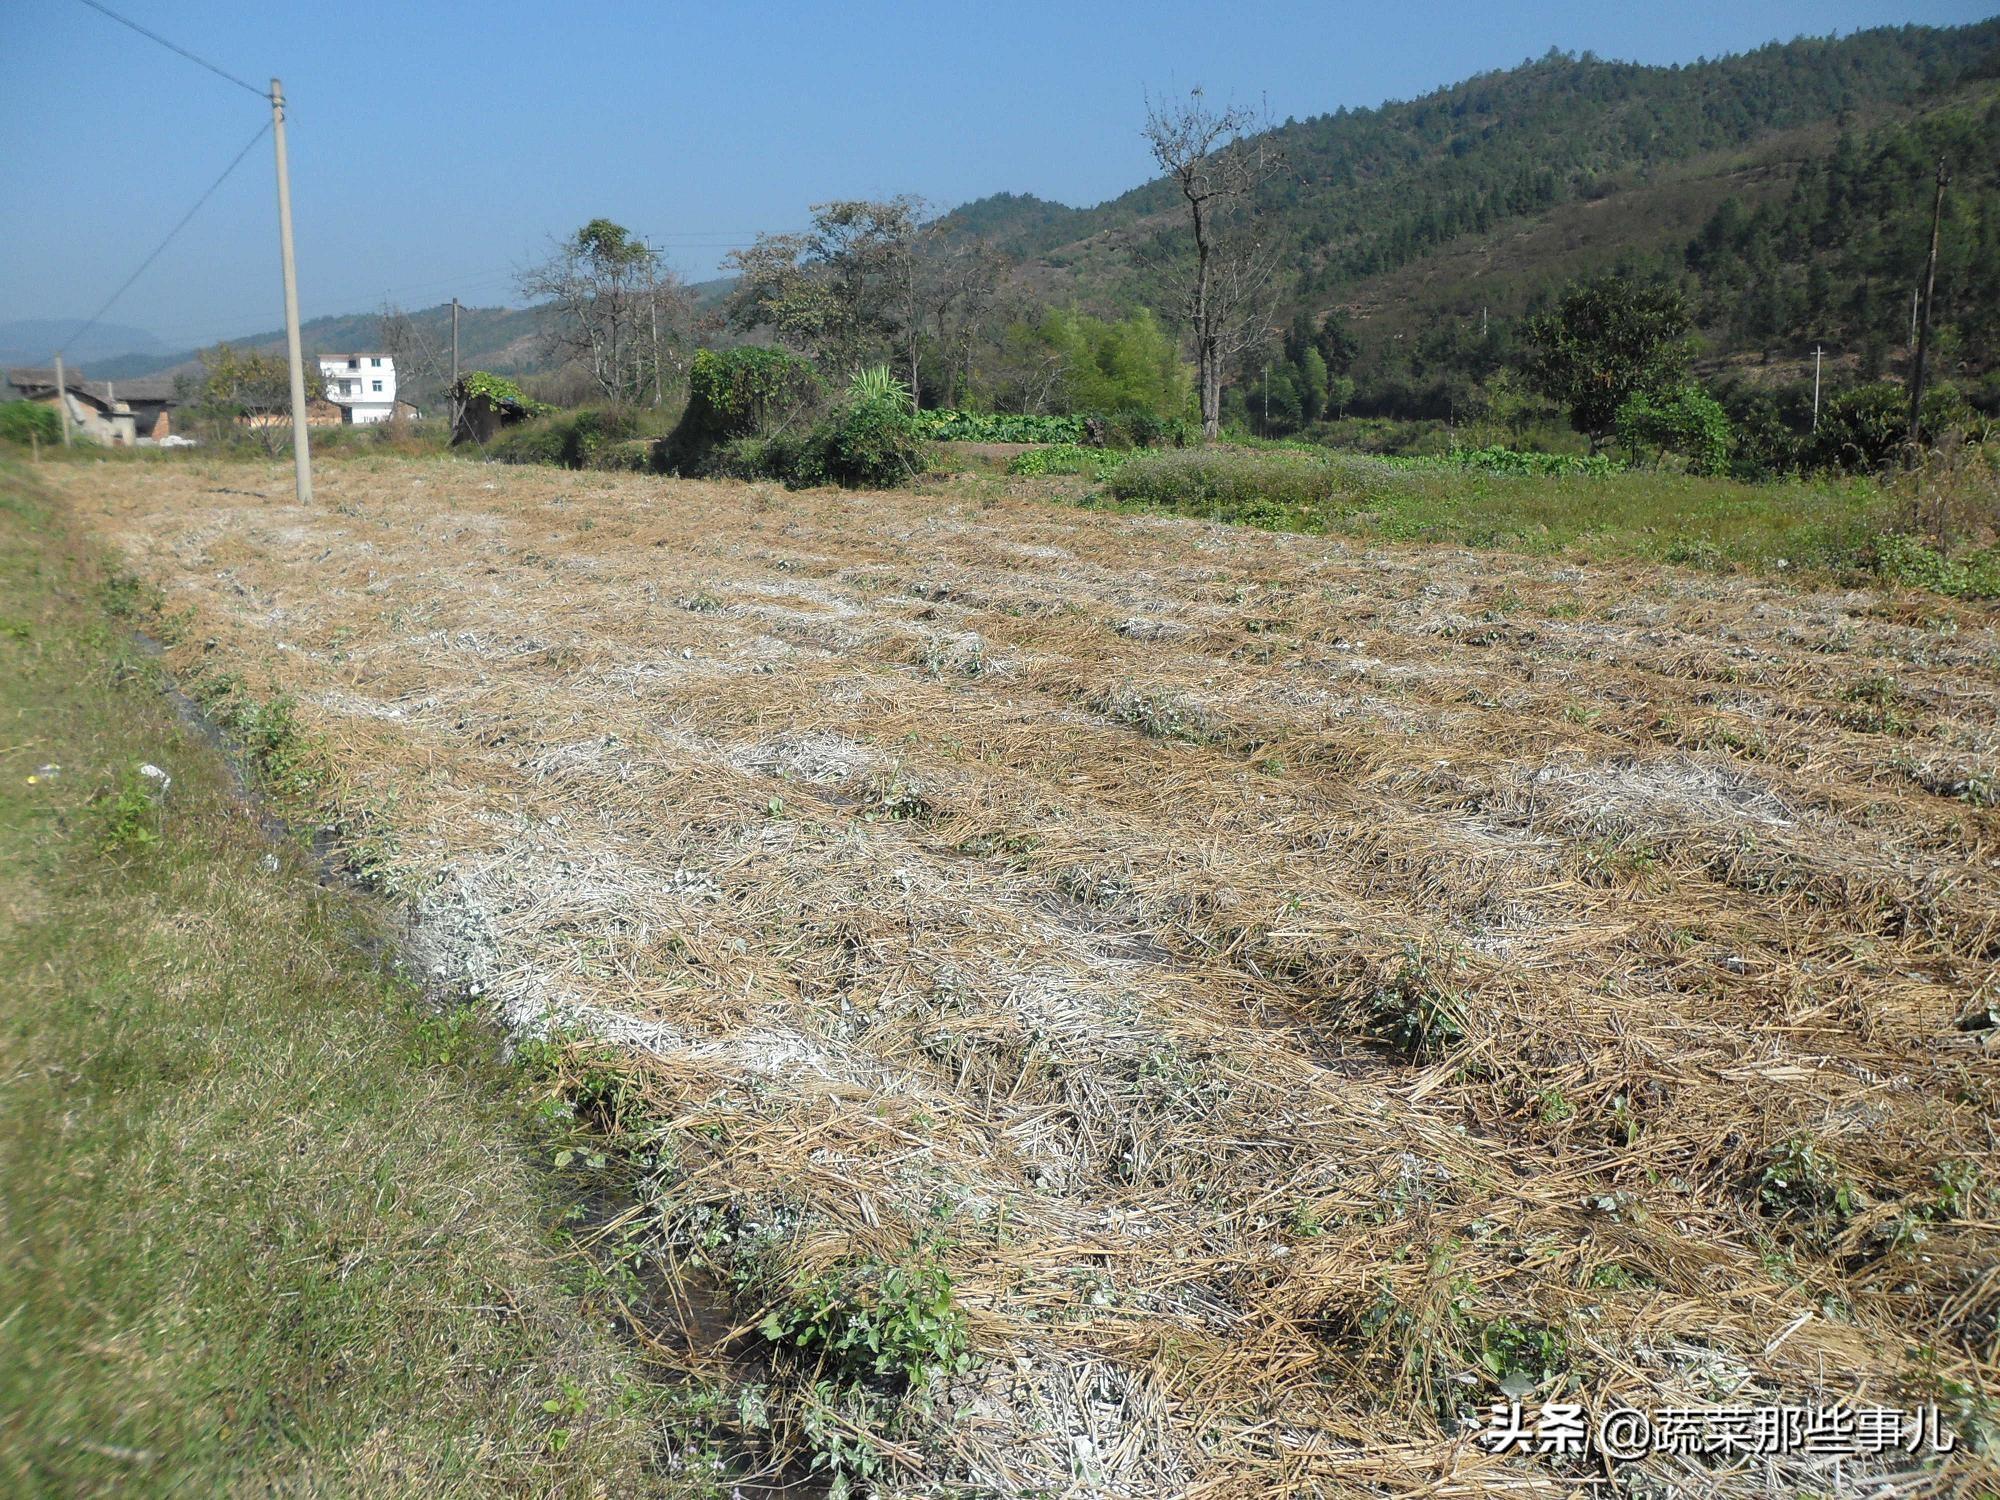 生石灰用途广,杀菌杀虫、改良土壤具体应该怎么用?